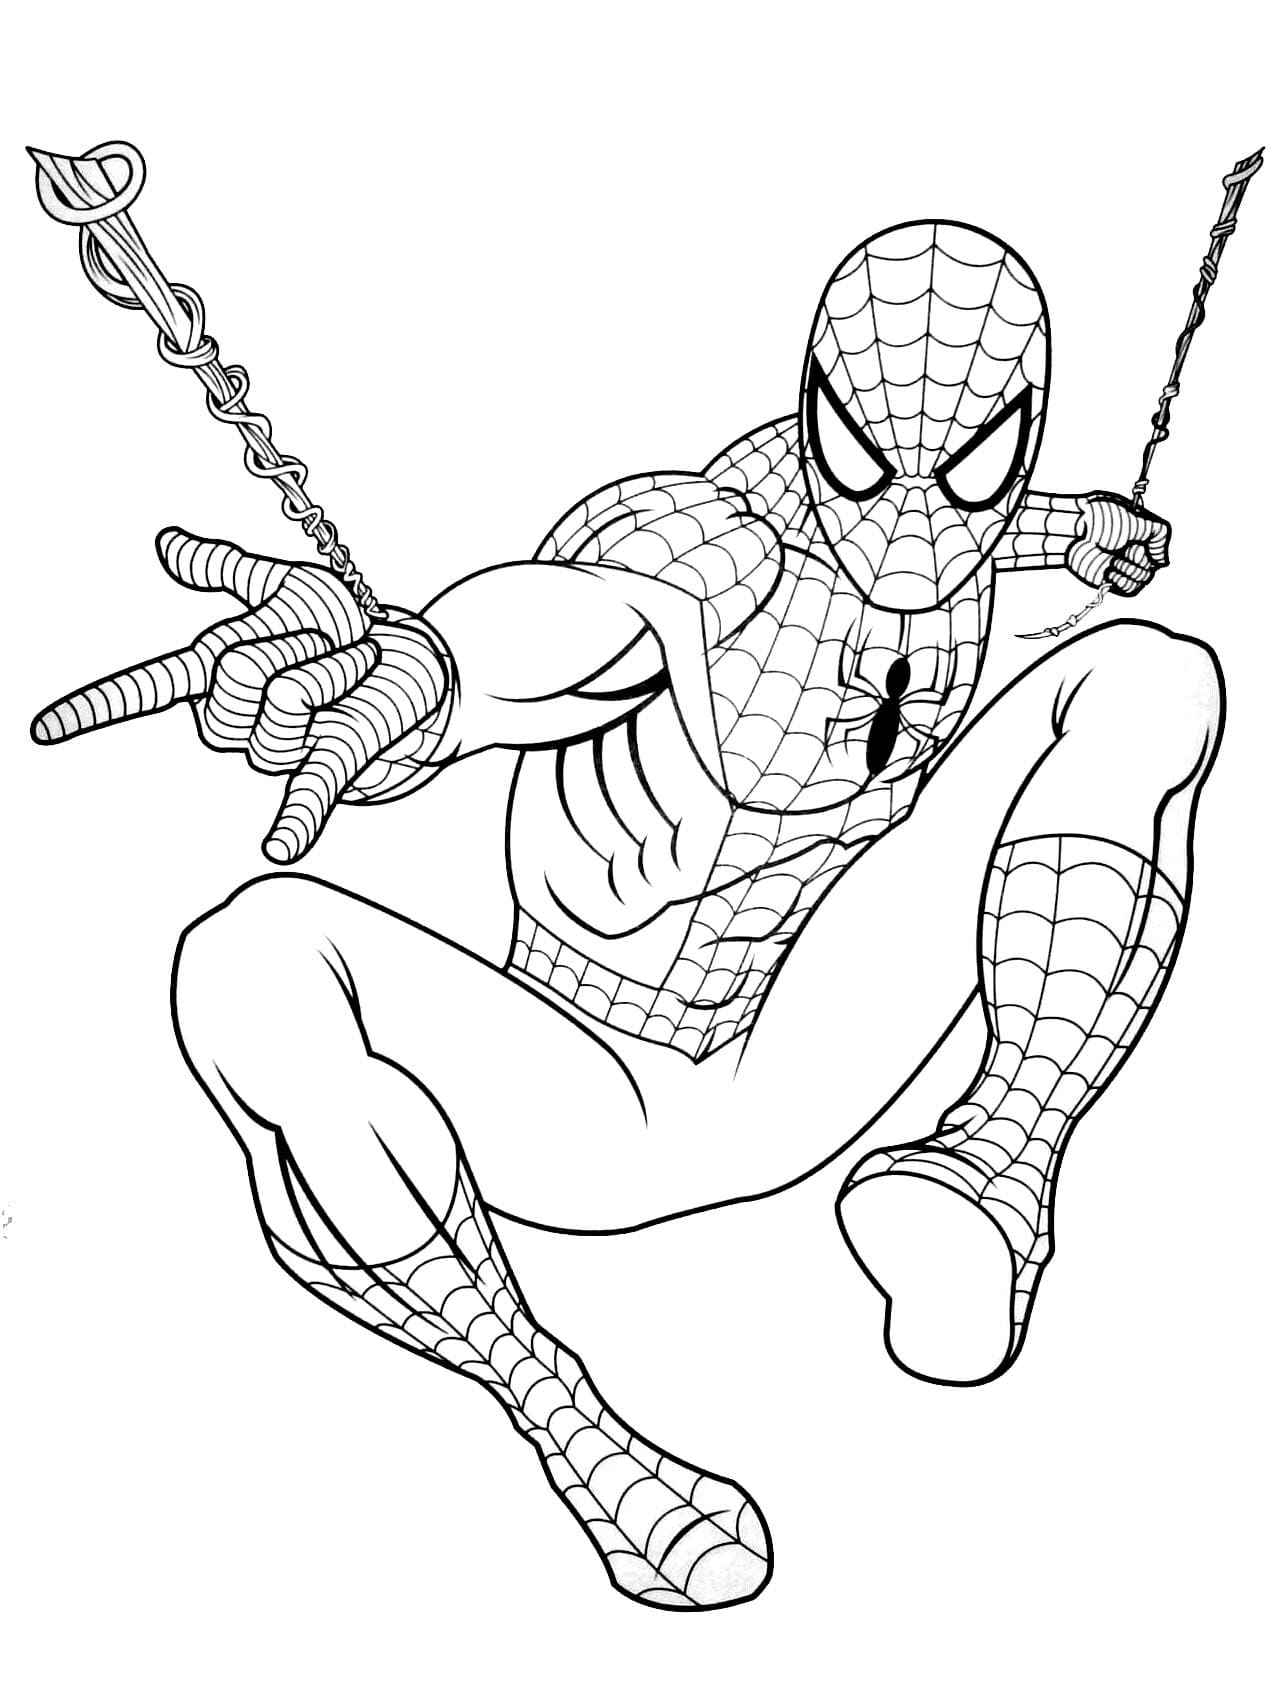 Disegni da colorare di Spiderman. Stampa online supereroe, 90 immagini